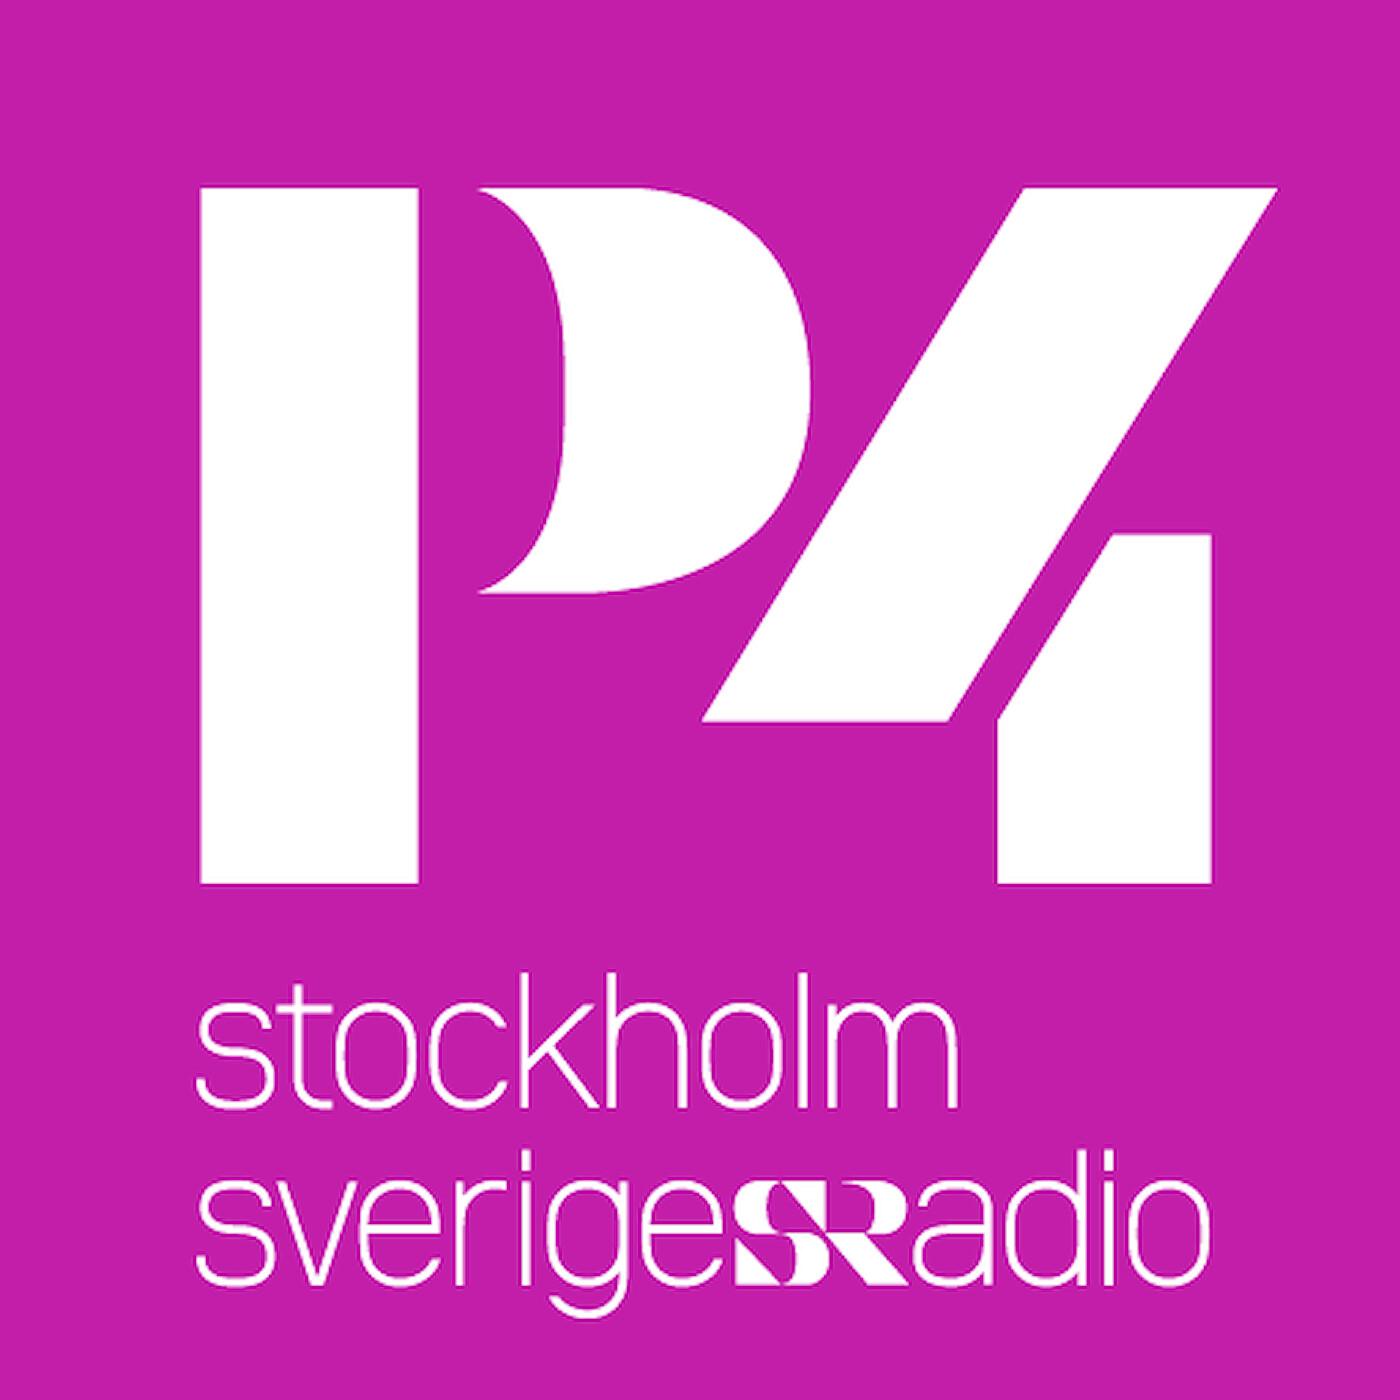 Trafik P4 Stockholm 20201021 06.40 (01.08) 2020-10-21 kl. 06.40